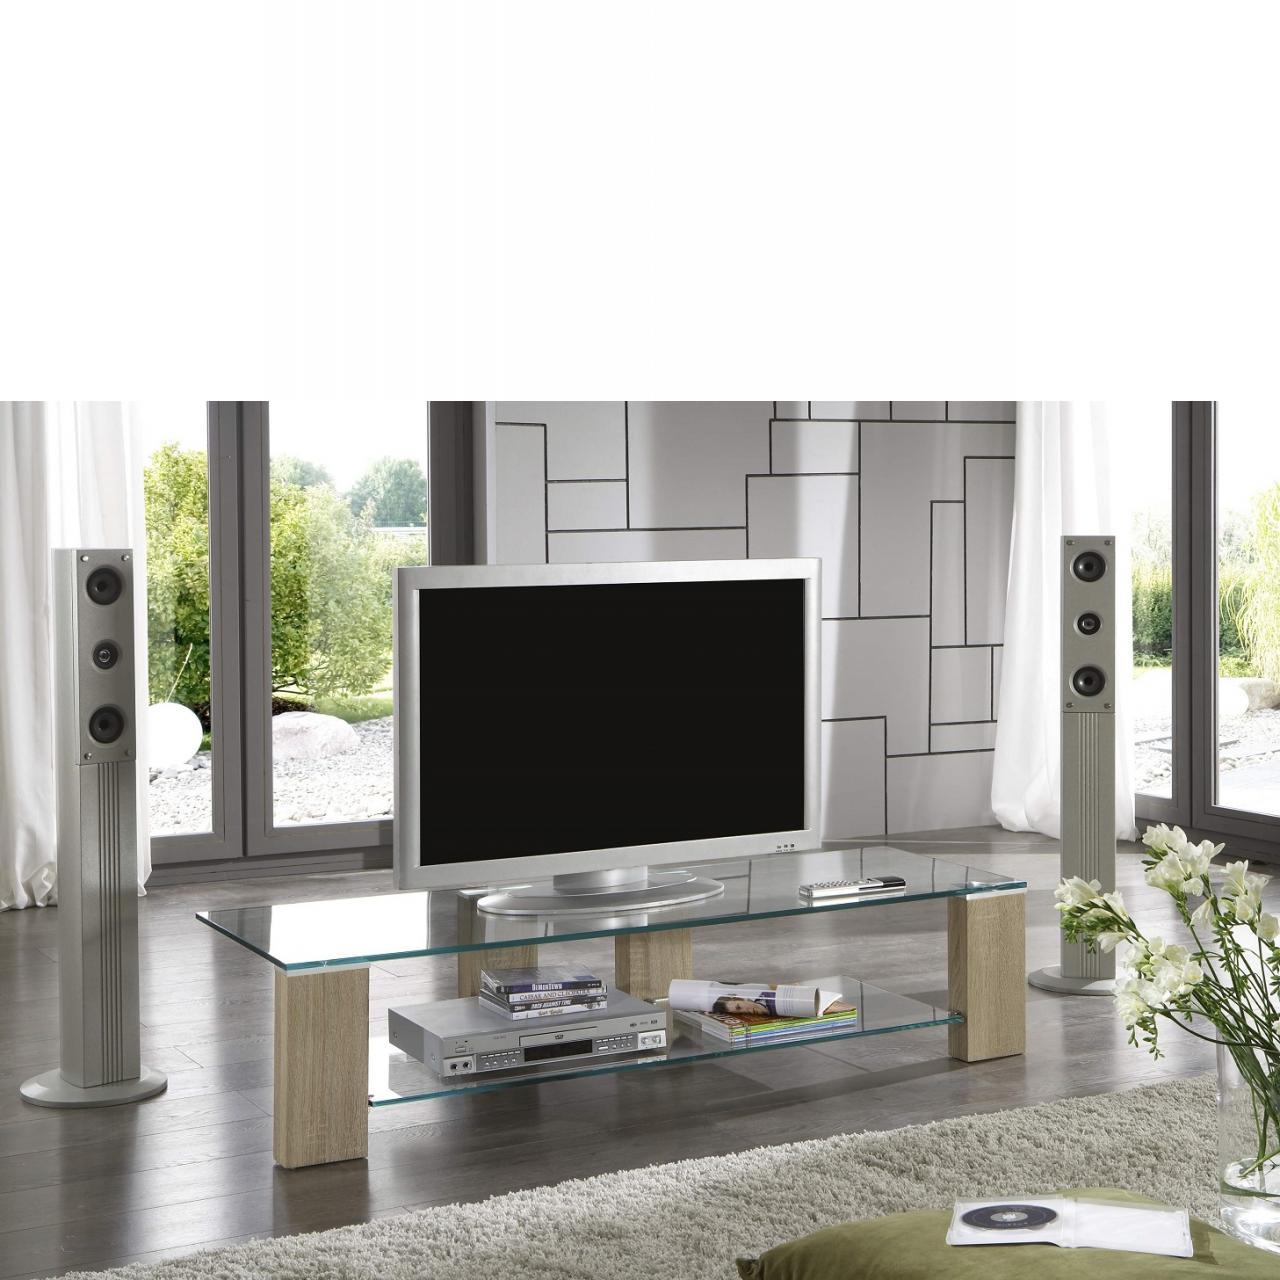 Phonotisch Look Fernsehtisch Sonoma Eiche Nb. Lowboard Sicherheitsglas TV-Rack